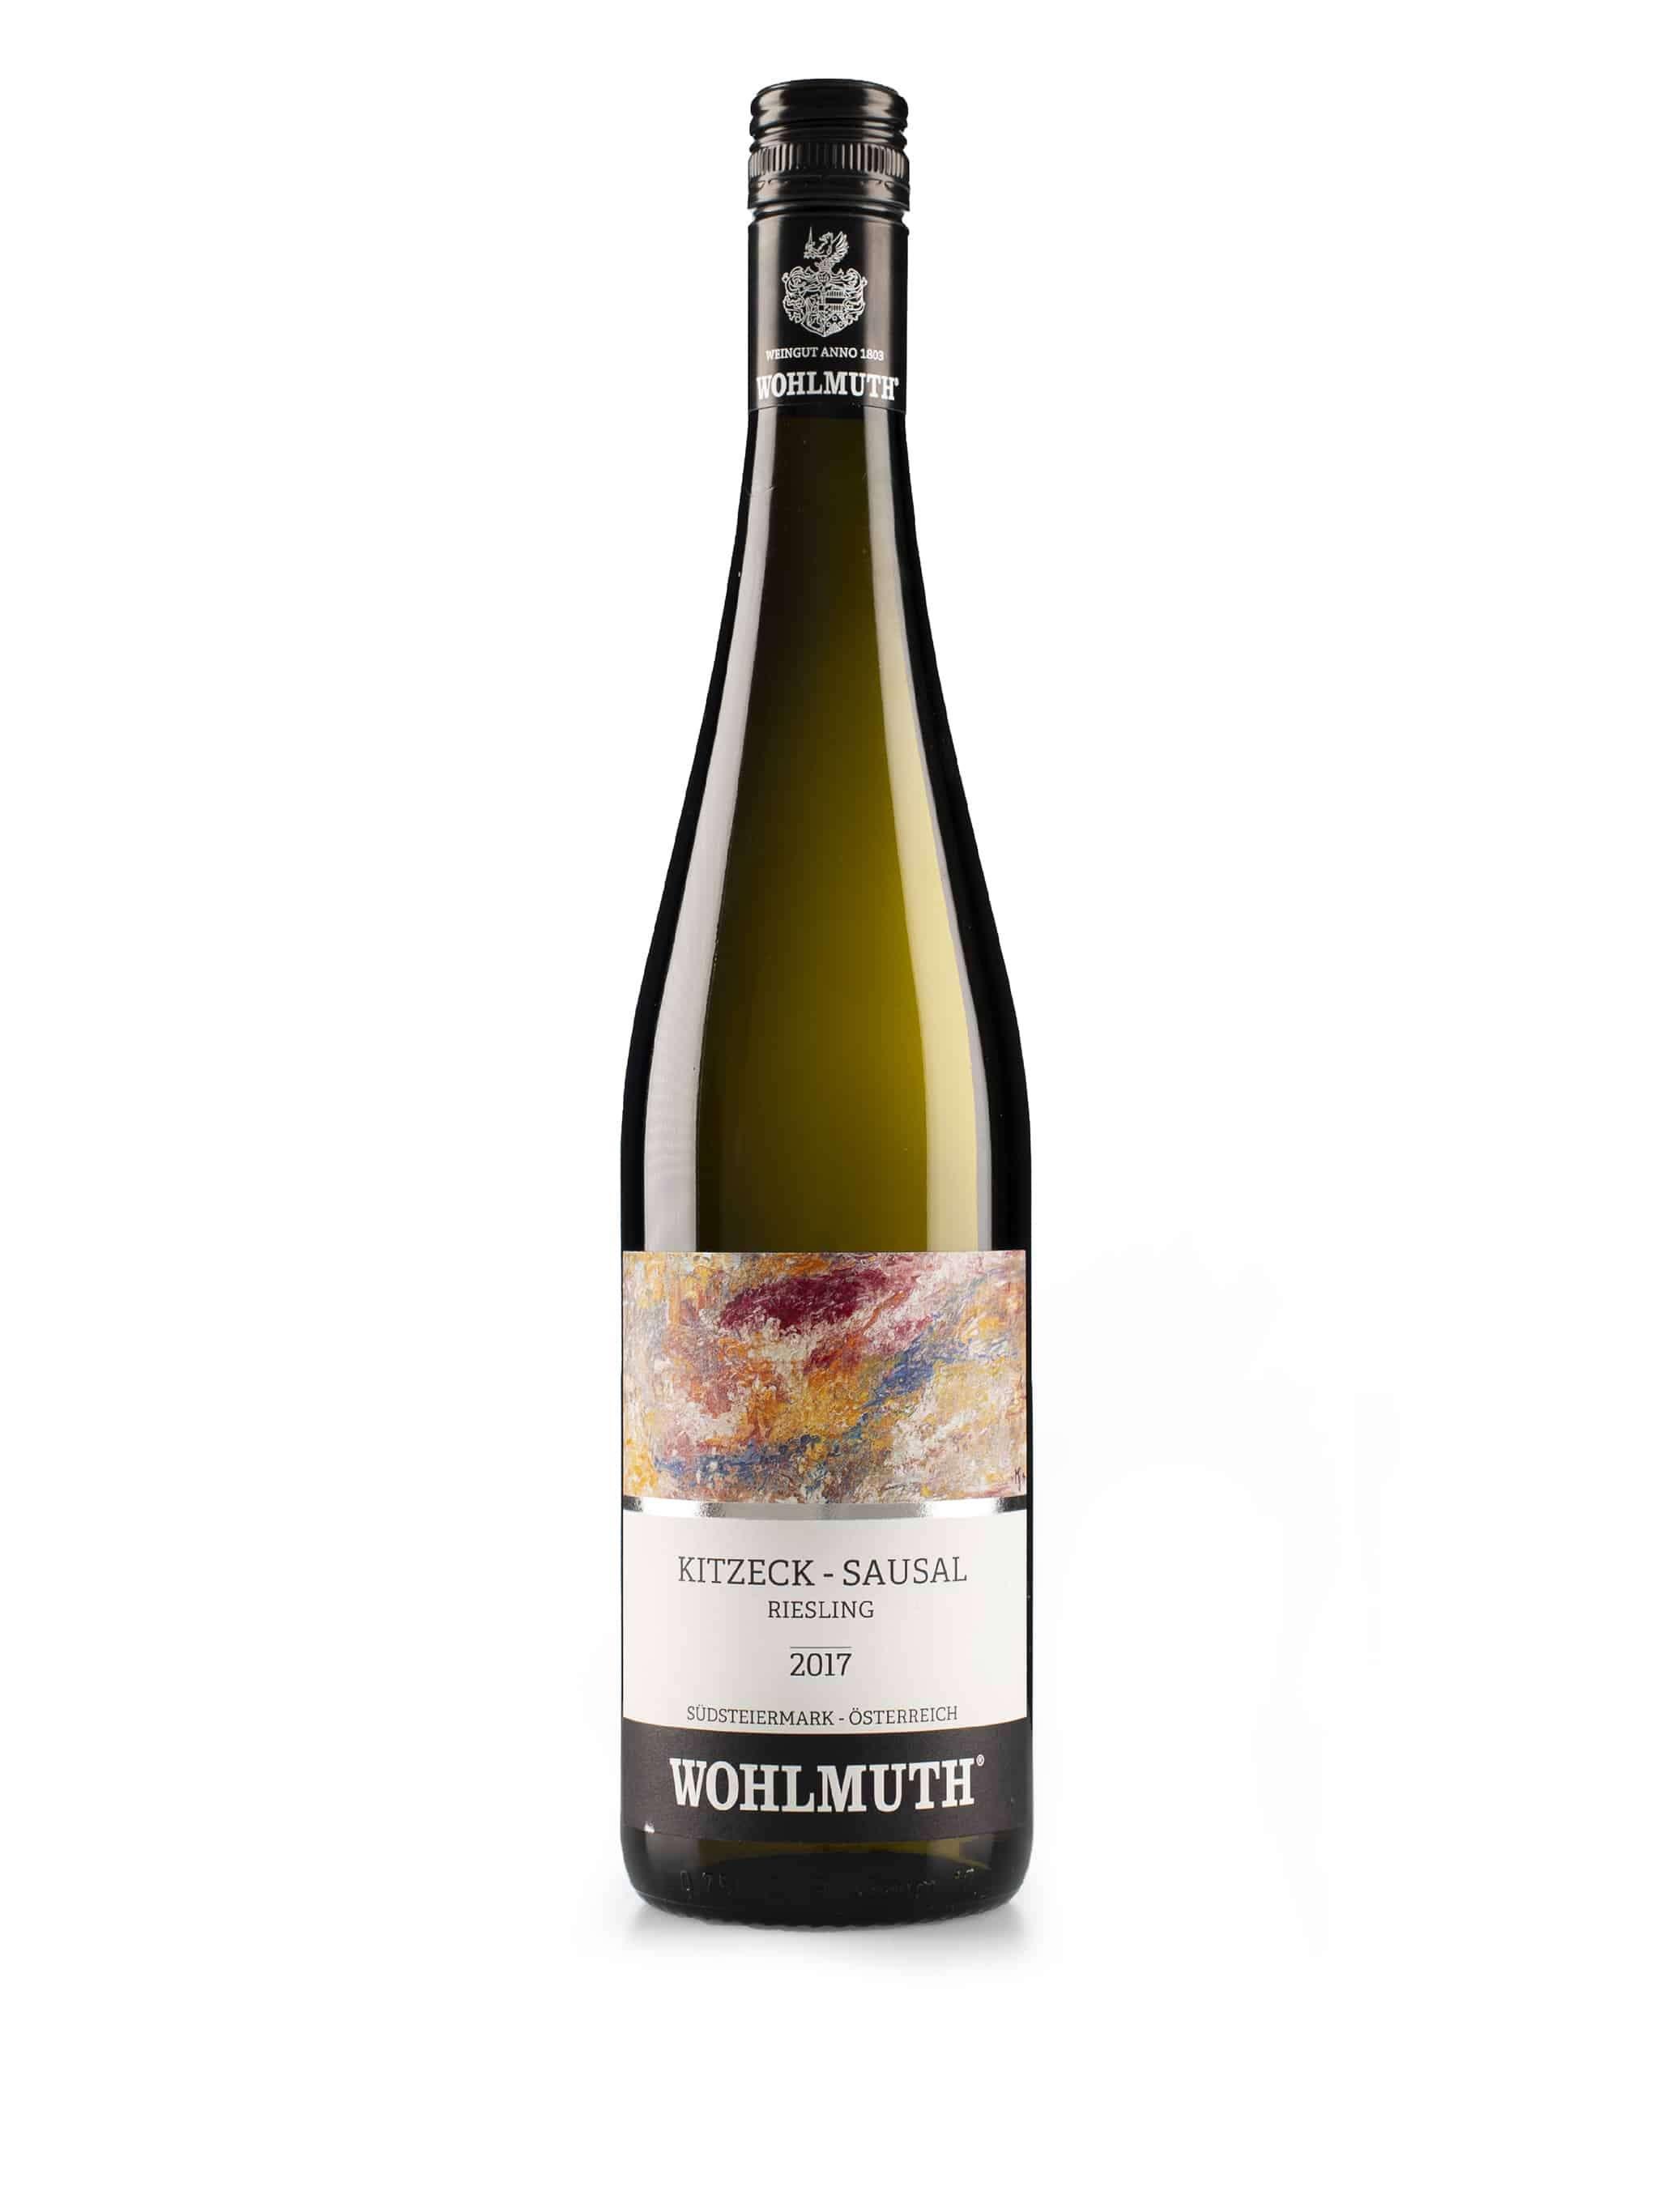 Oostenrijkse witte wijn van wijndomein Wohlmuth: Riesling 'Kitzeck'